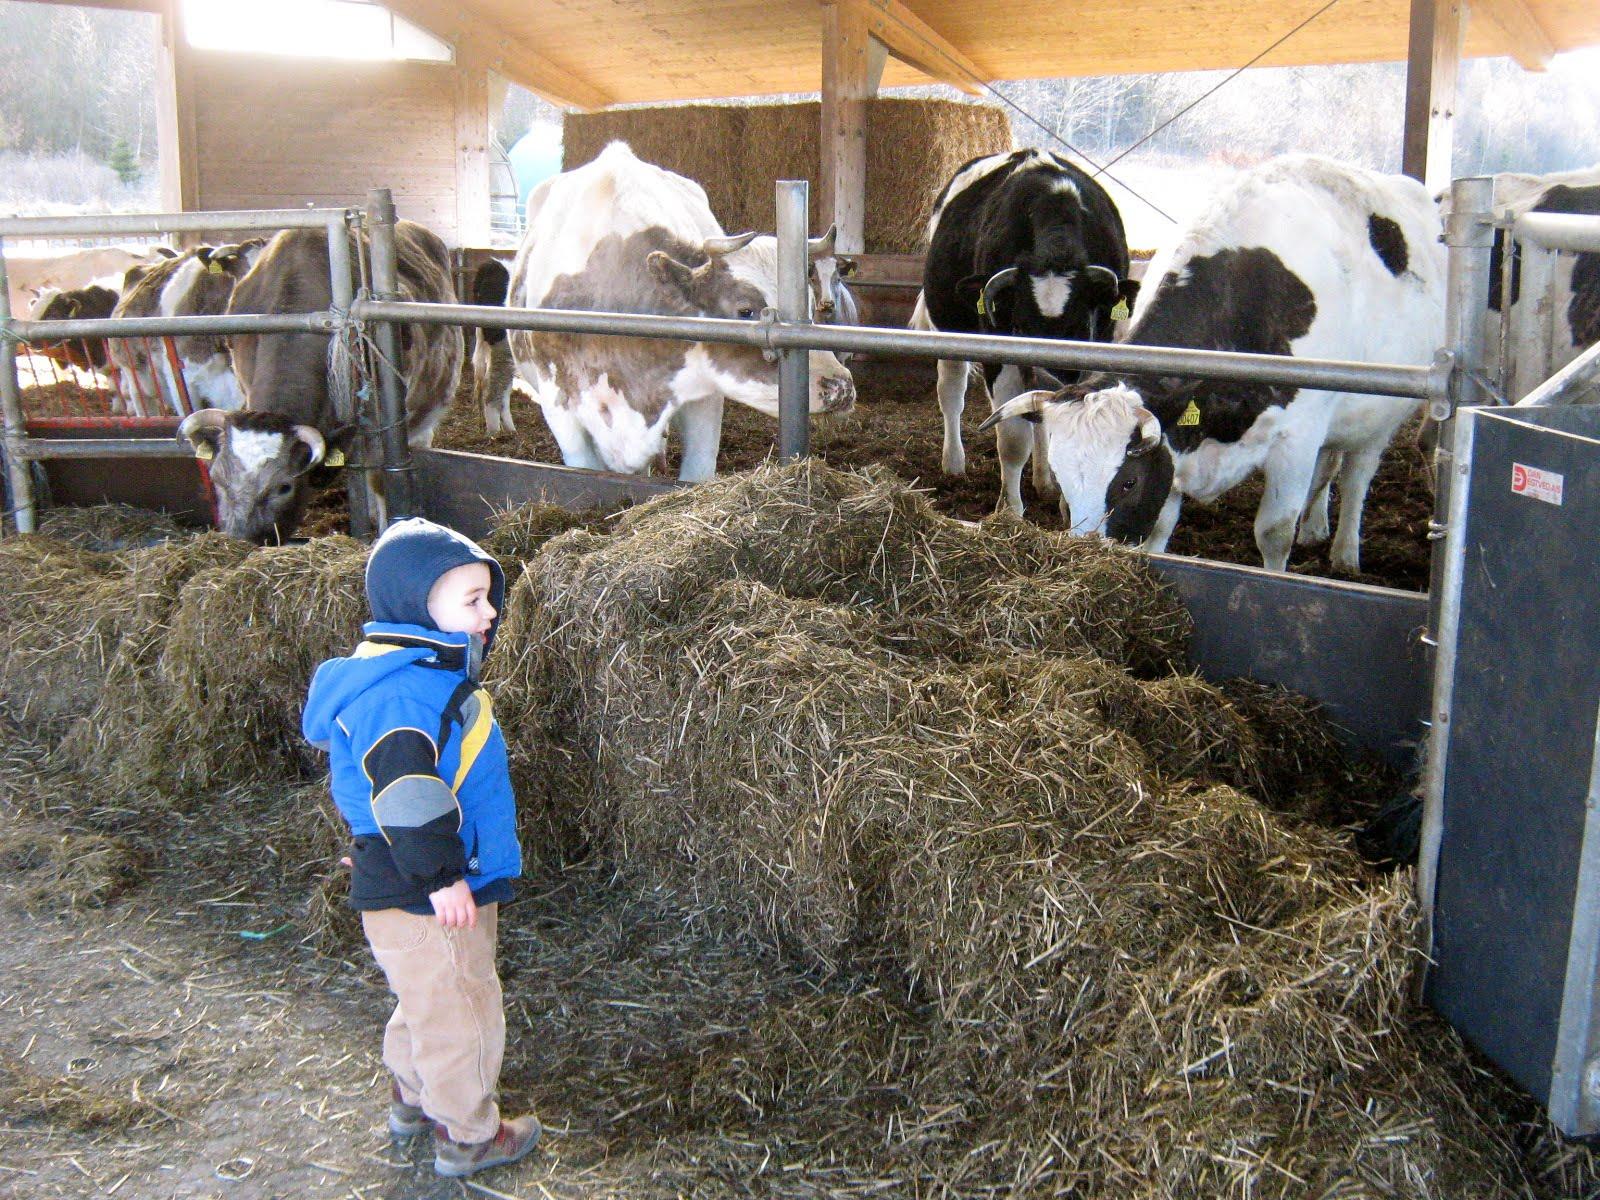 Gammel Estrup agricultural museum hjemmevideo